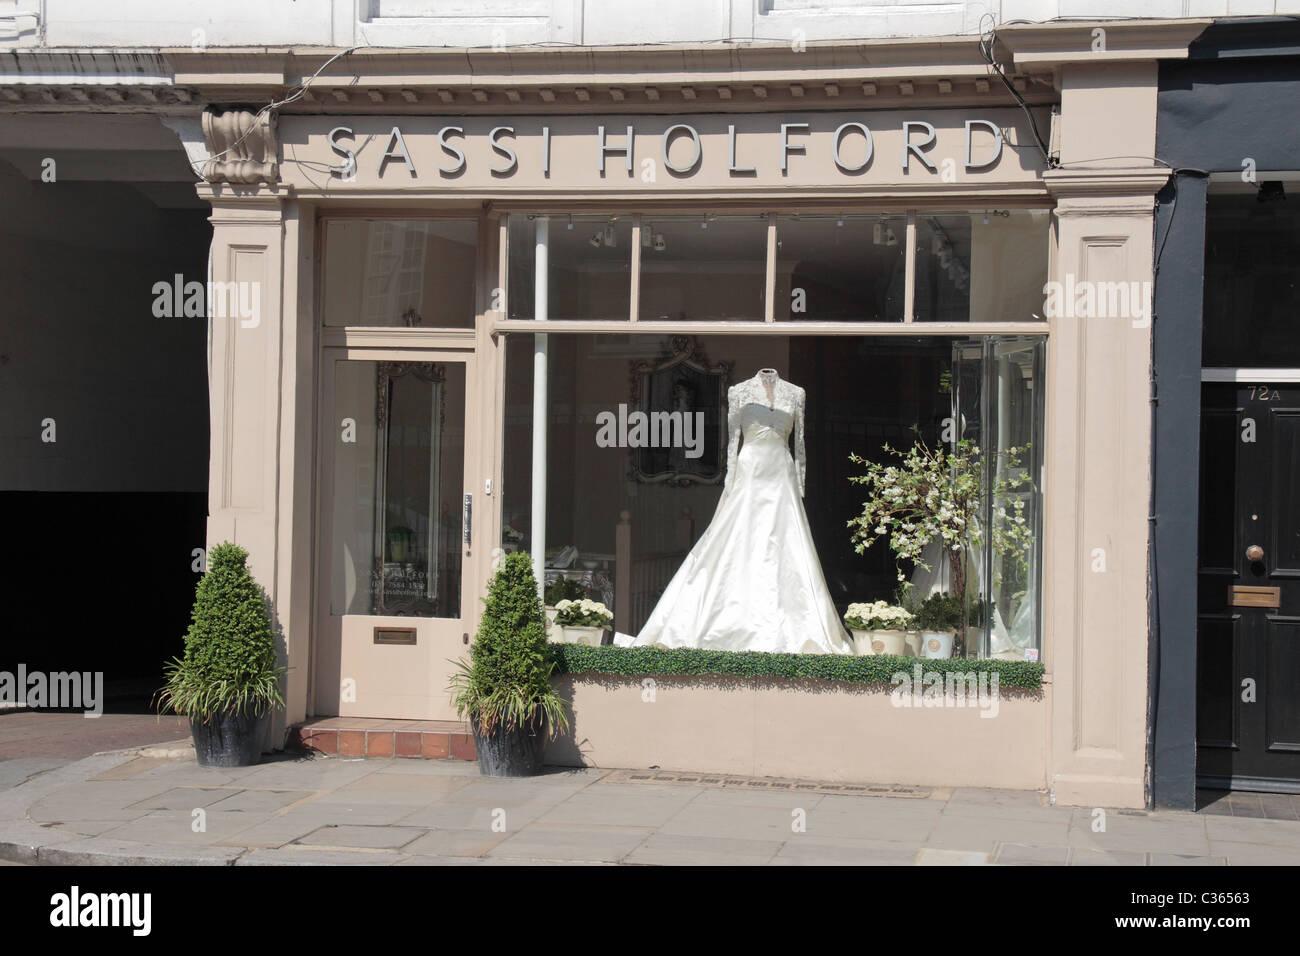 Sassi shop